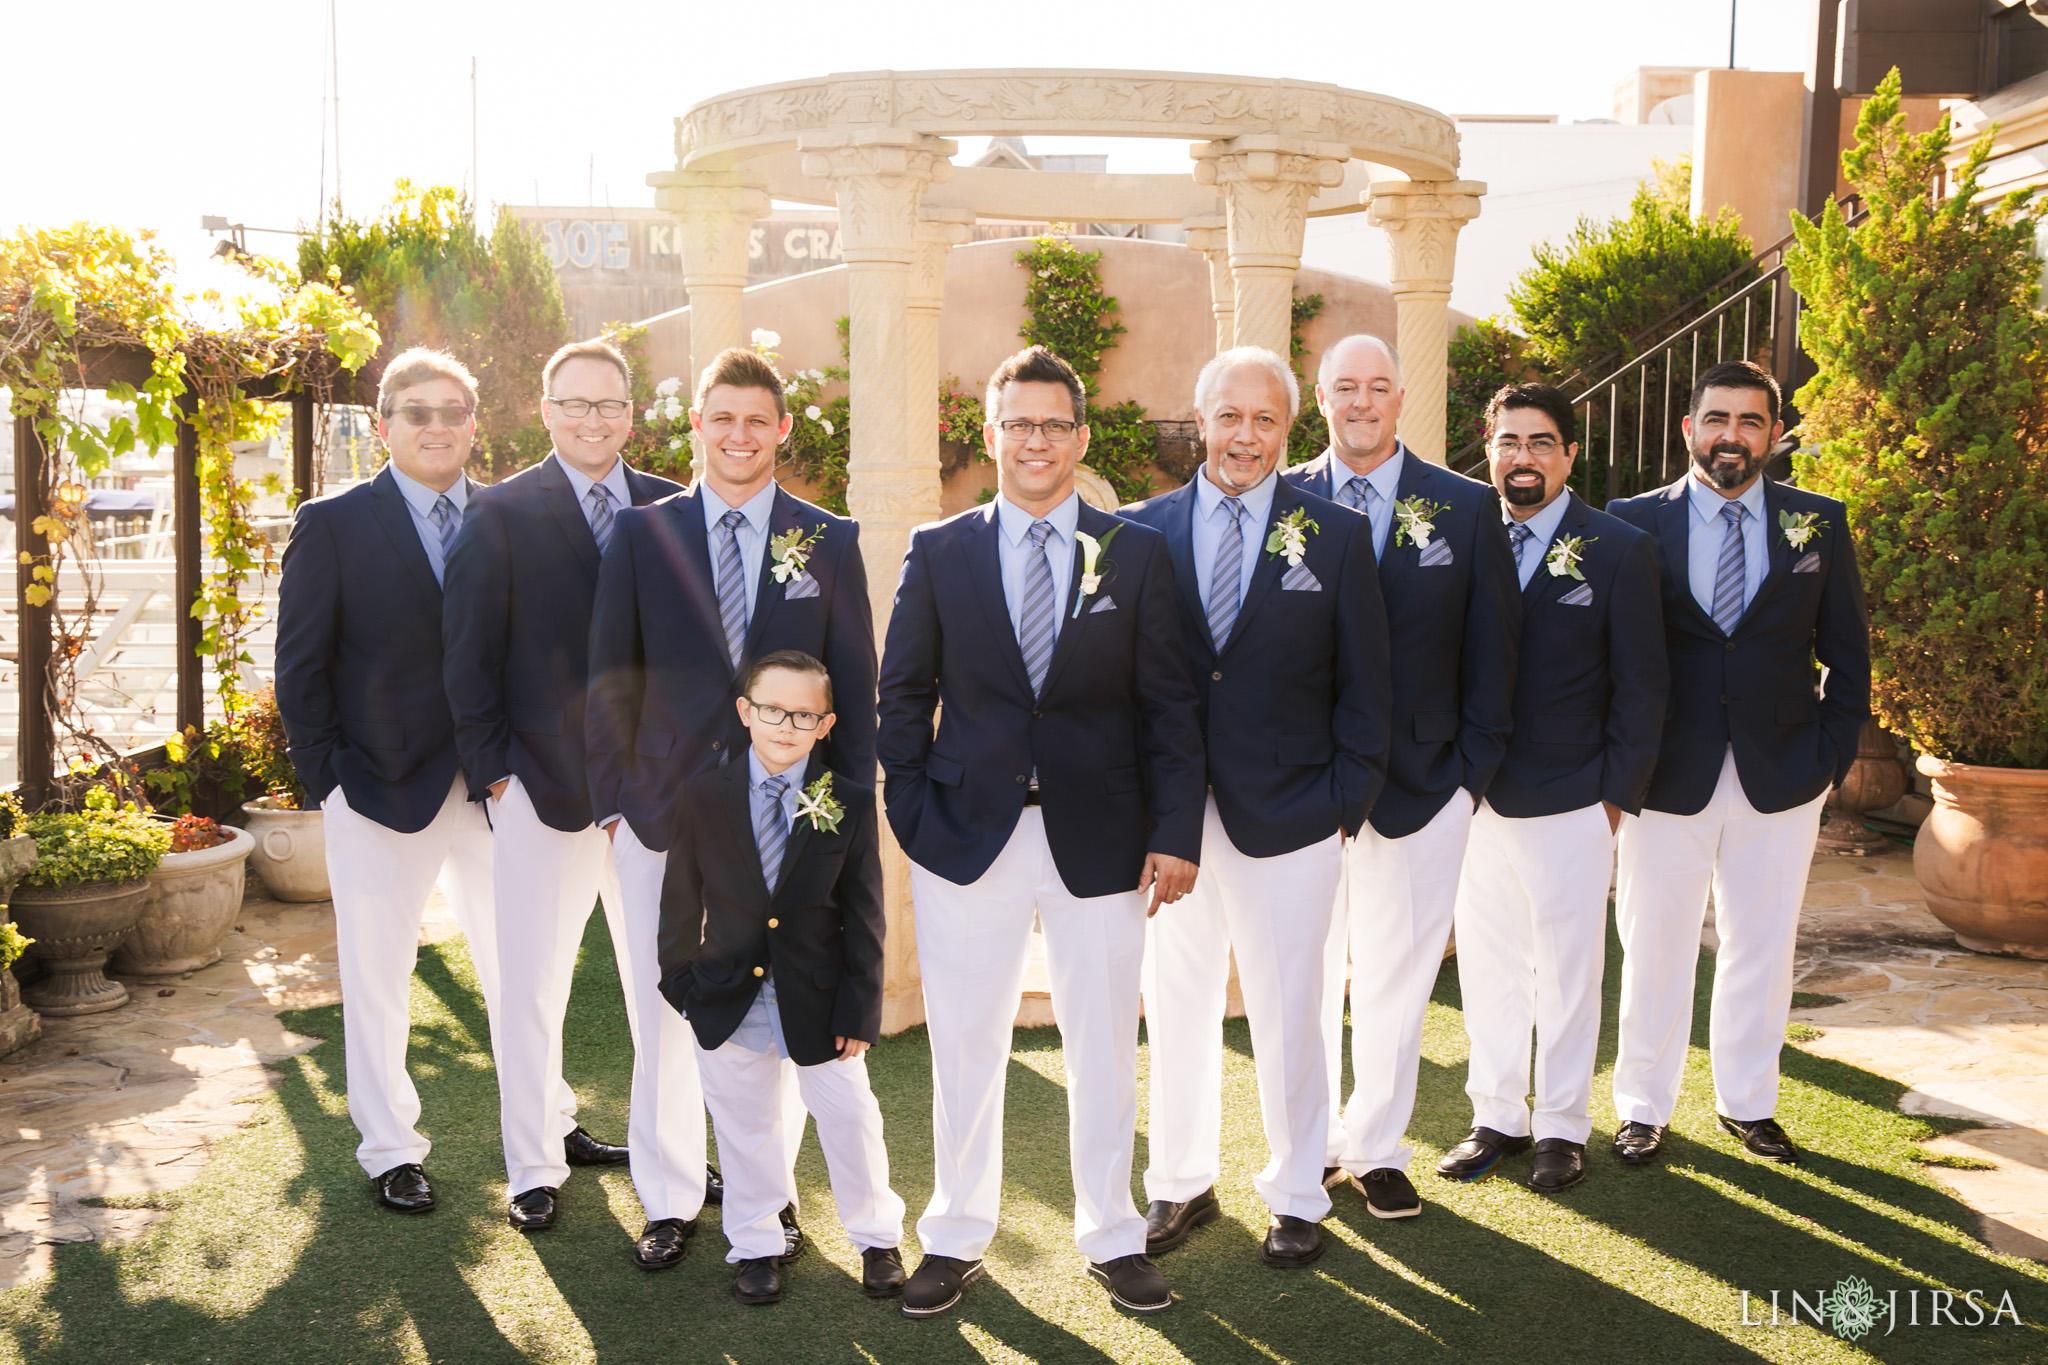 006 orange county groomsmen wedding photography